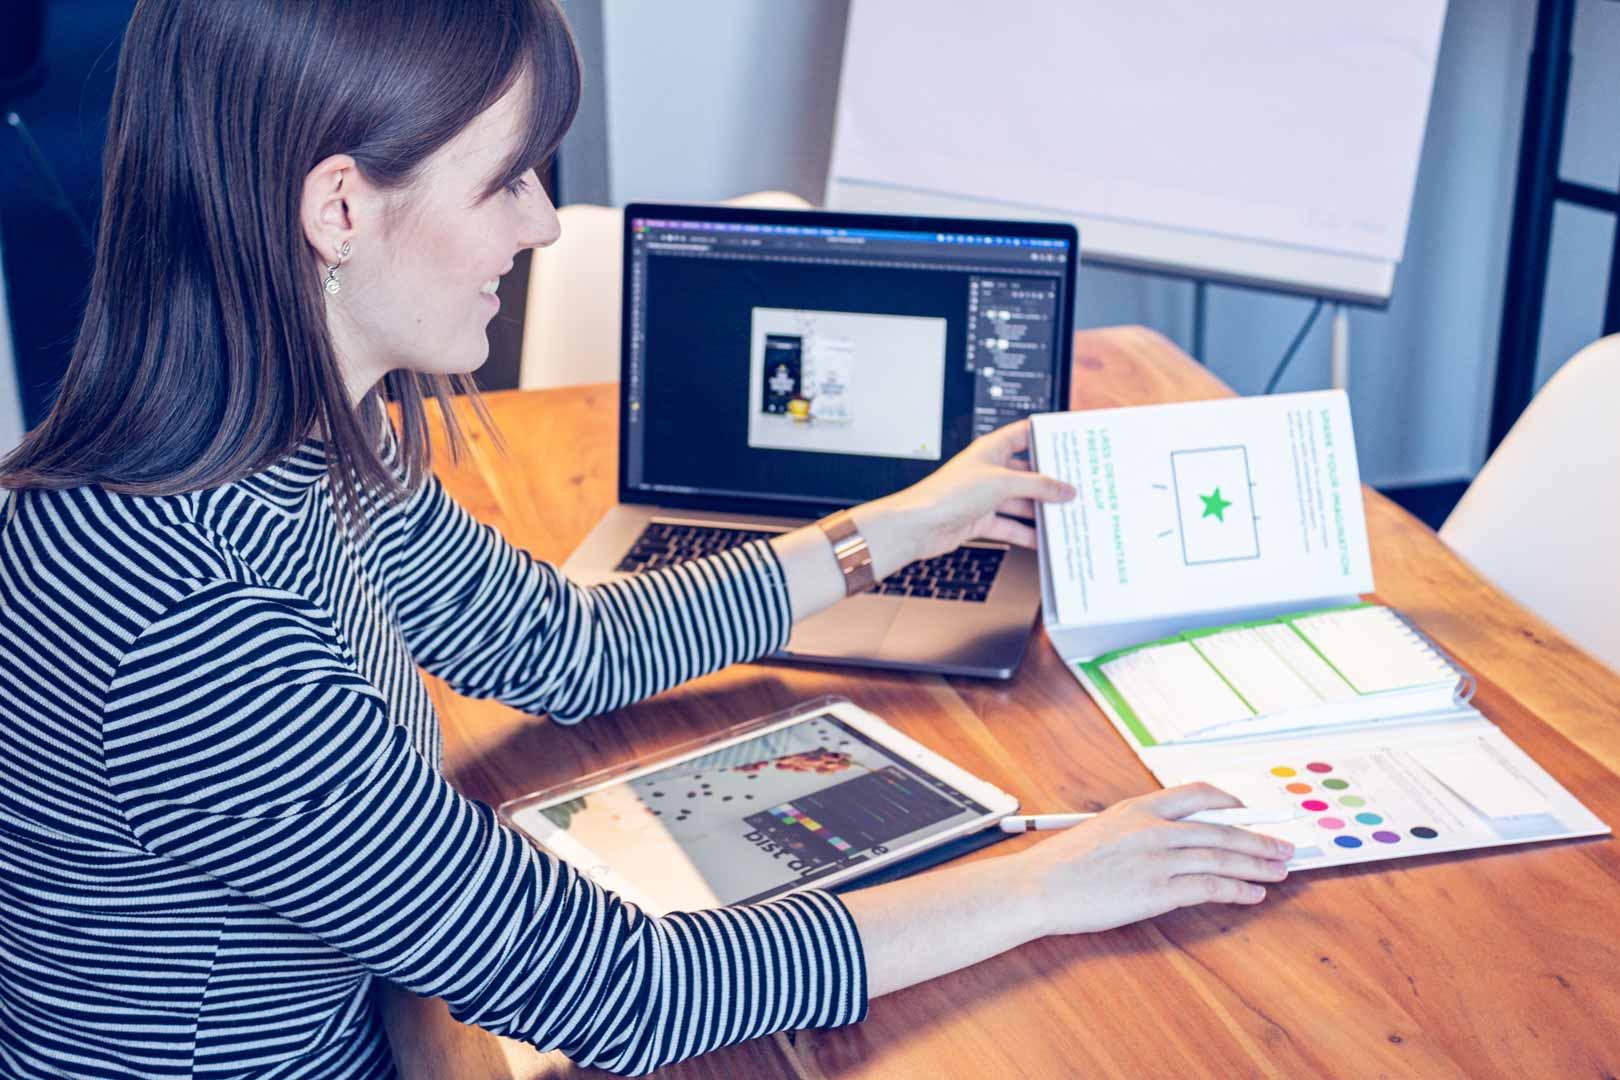 Mitarbeiterin schaut in ihre Notizen auf dem Schreibtisch